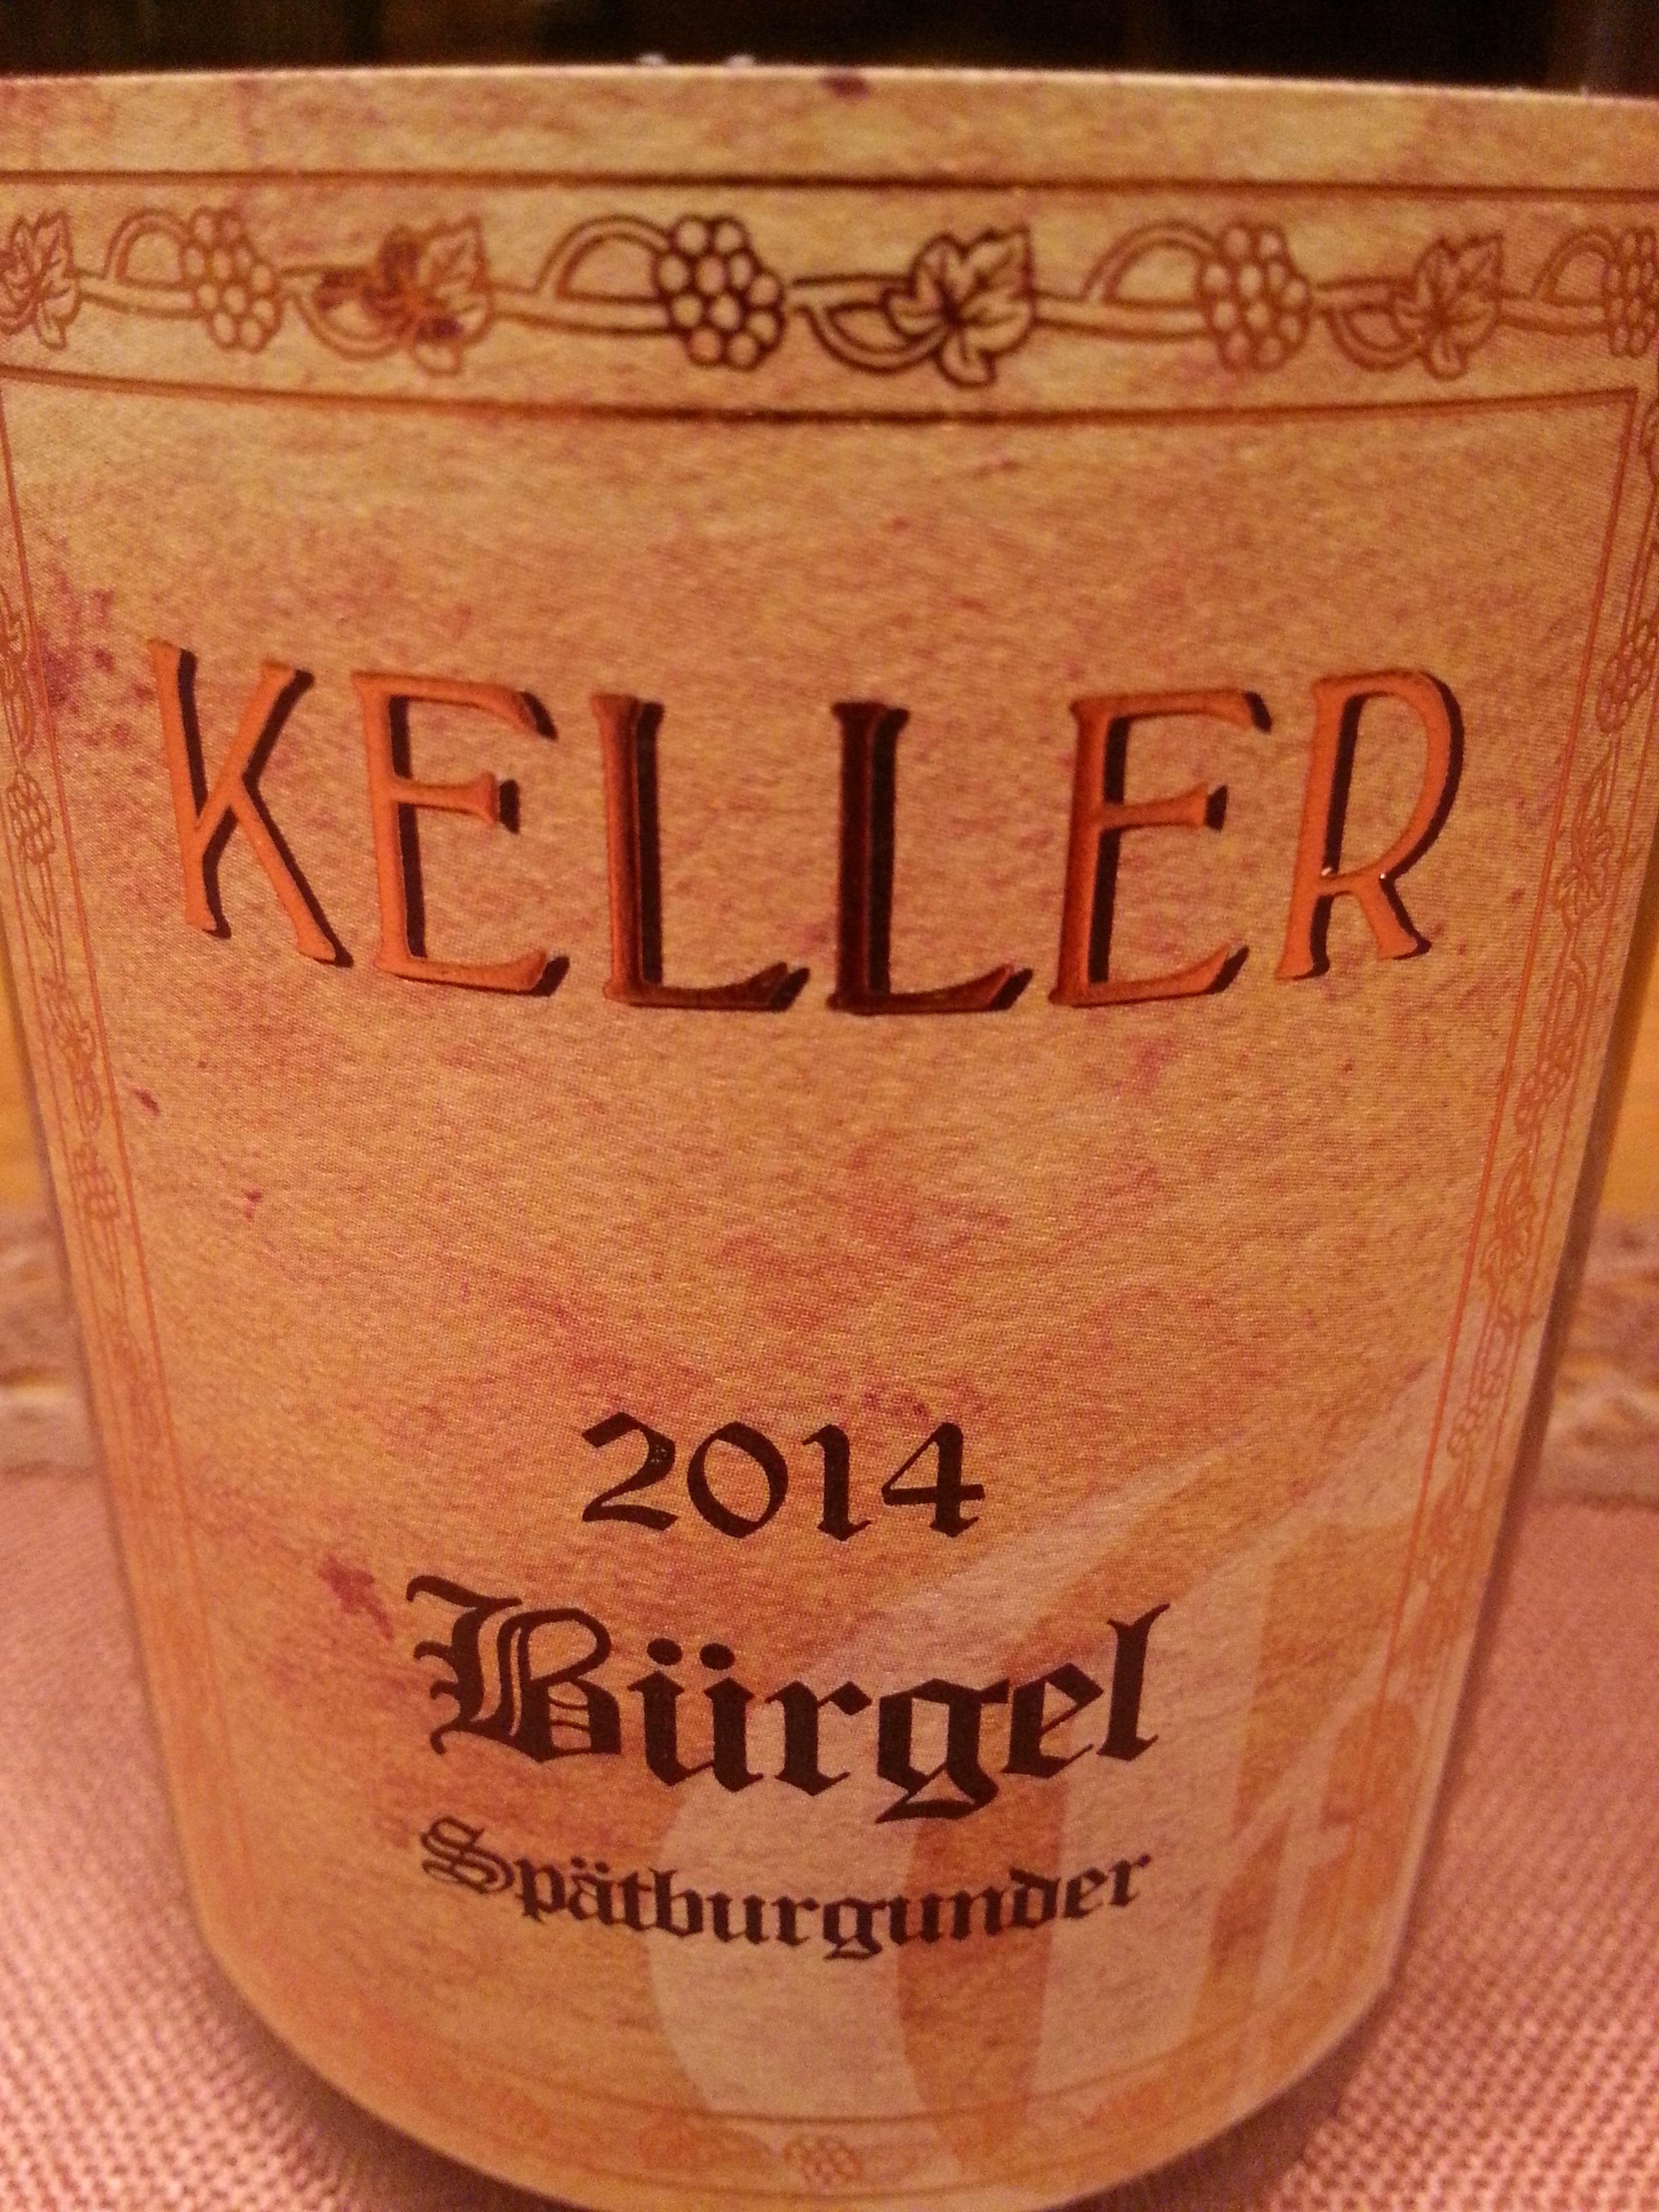 2014 Spätburgunder Dalsheim Bürgel GG | Keller